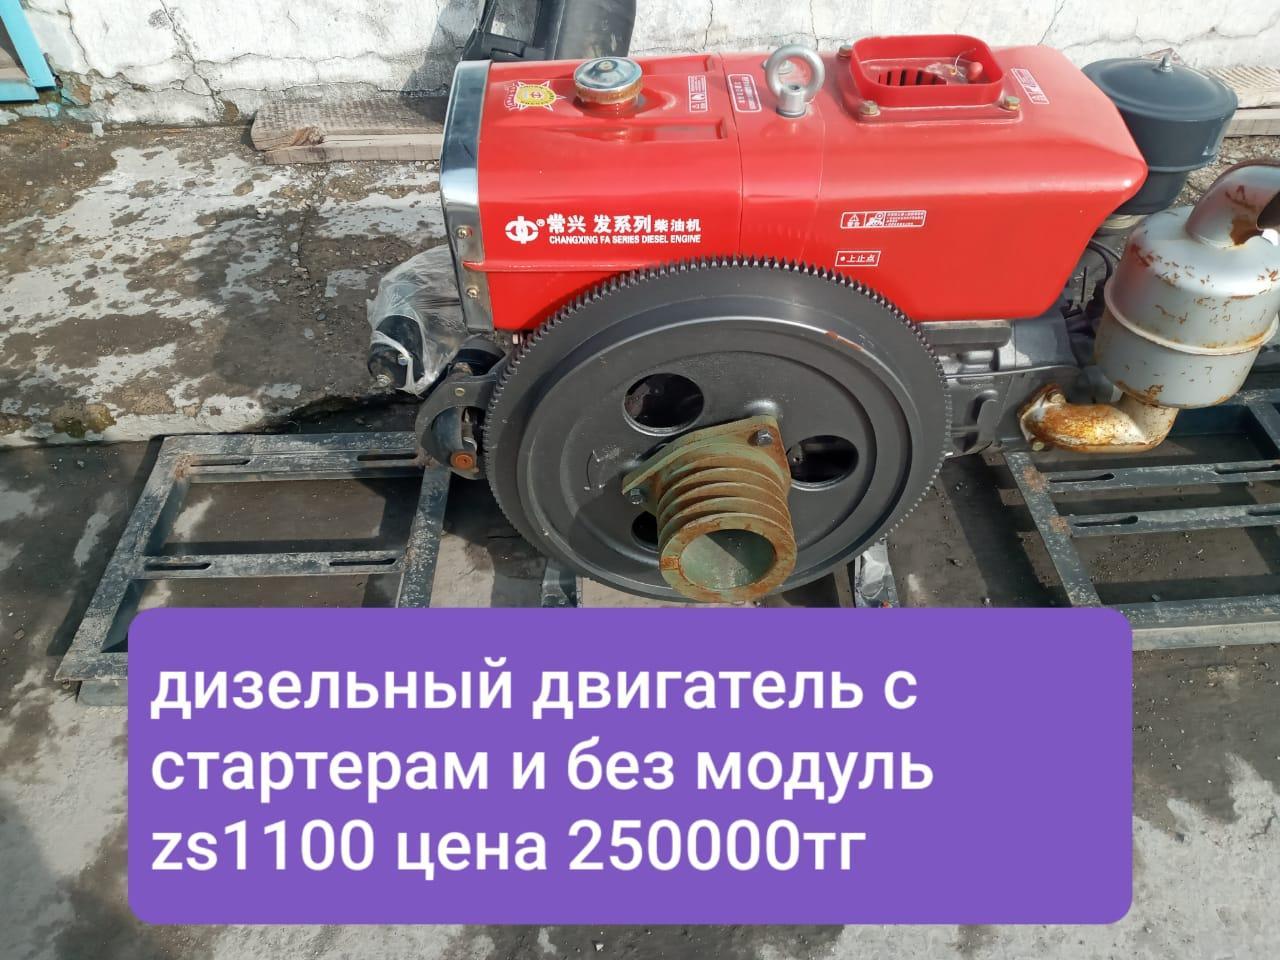 Дизельный двигатель ZS1100